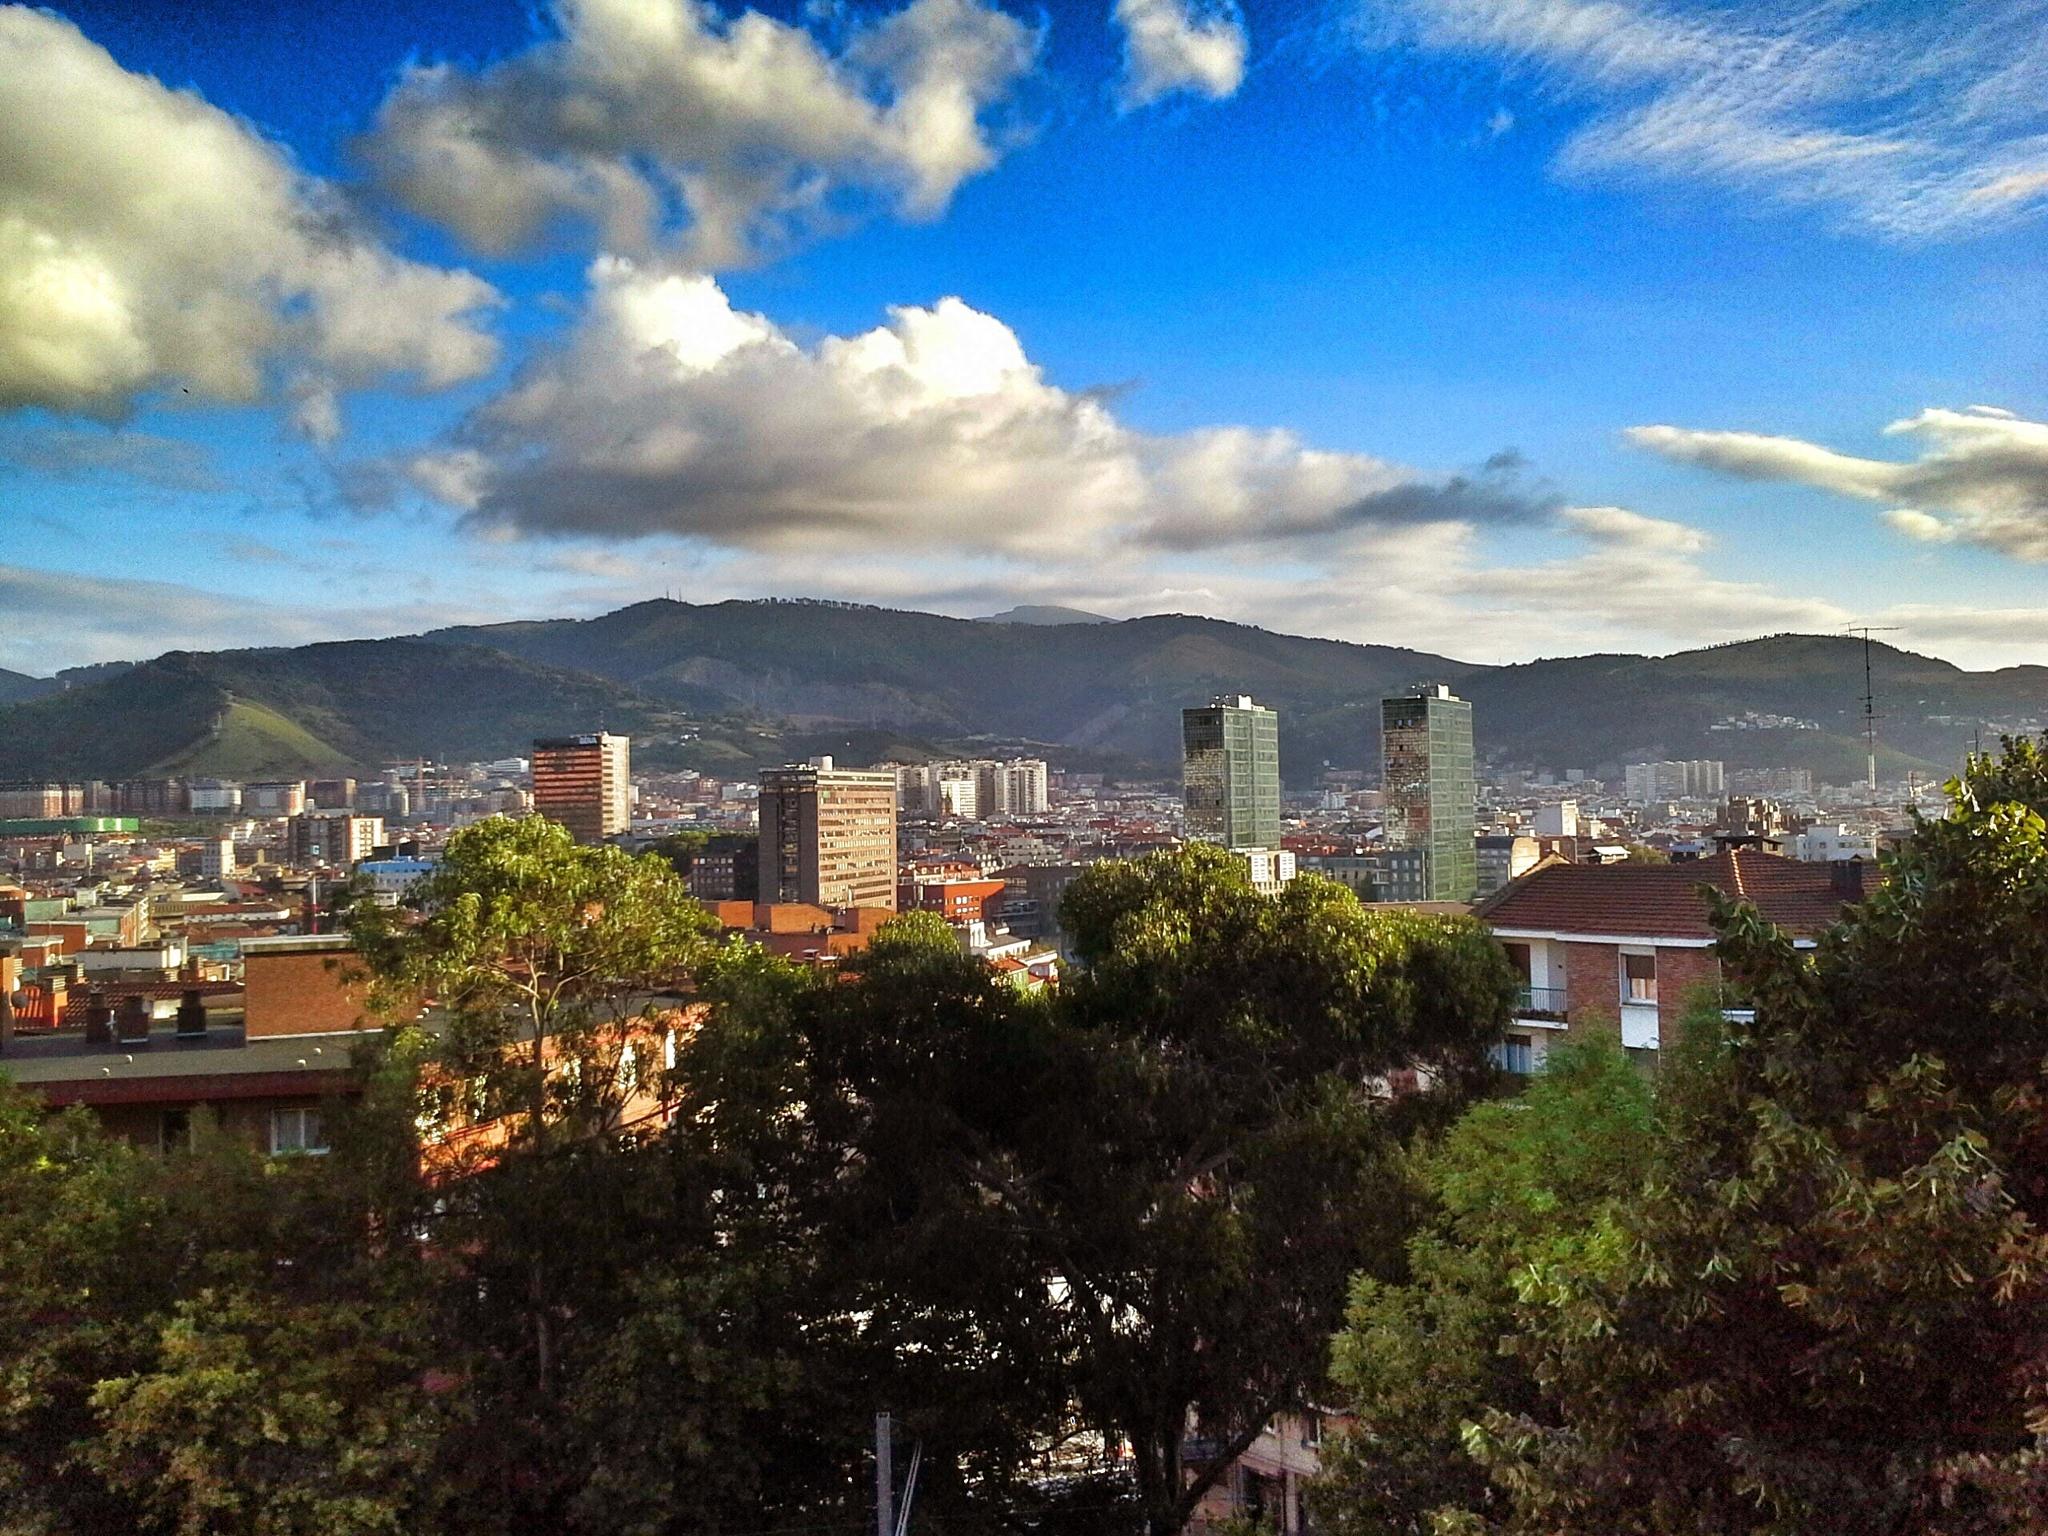 Bilbao by aumentatibu07